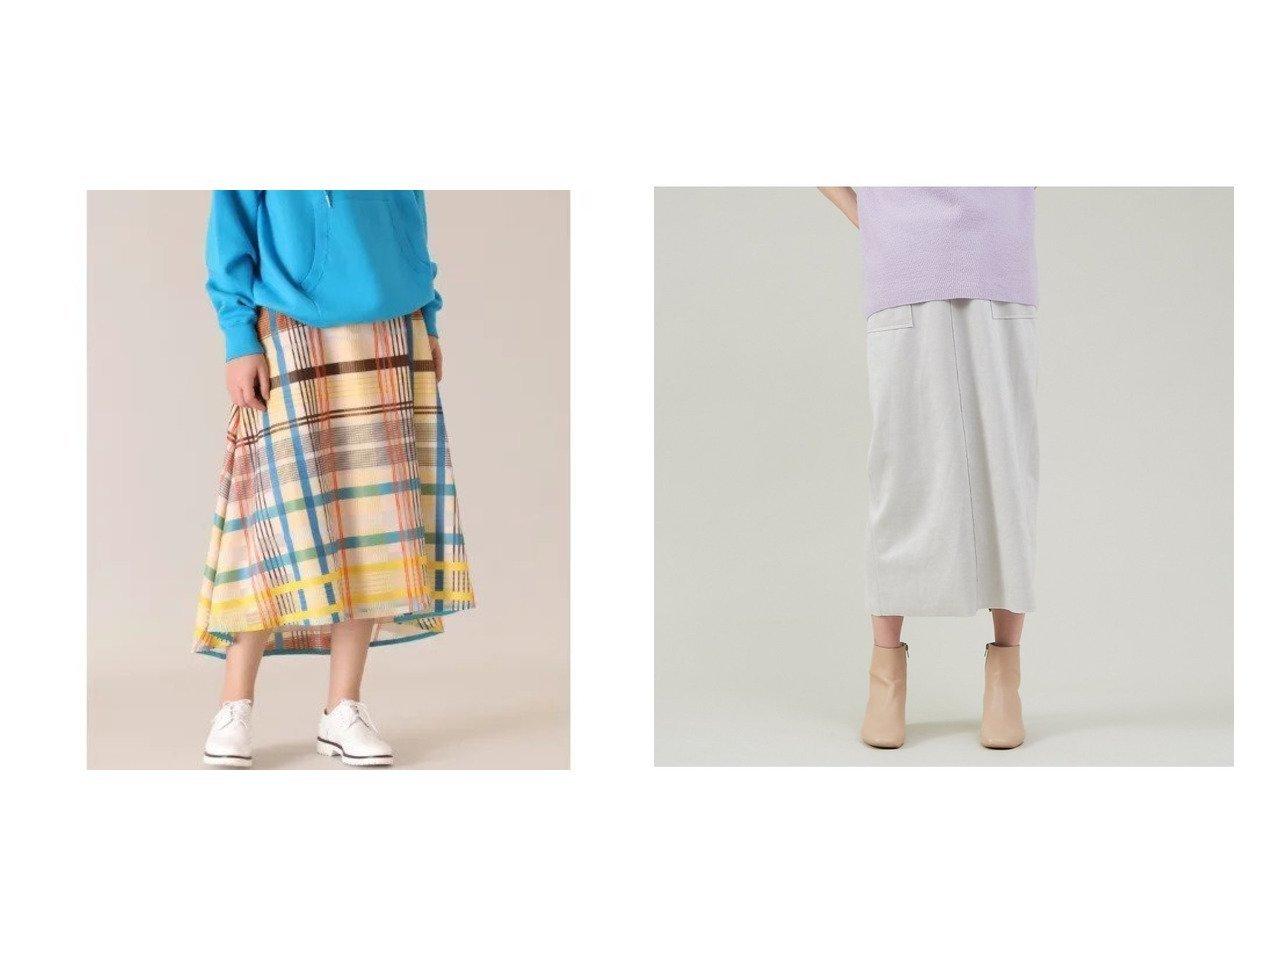 【abahouse mavie/アバハウスマヴィ】のecru スエードタイトロングスカート(裏付き)&【INED/イネド】の《Masion de Beige》シースルーチェックスカート《Viscotecs》 スカートのおすすめ!人気、トレンド・レディースファッションの通販 おすすめで人気の流行・トレンド、ファッションの通販商品 メンズファッション・キッズファッション・インテリア・家具・レディースファッション・服の通販 founy(ファニー) https://founy.com/ ファッション Fashion レディースファッション WOMEN スカート Skirt ロングスカート Long Skirt シルク シンプル チェック パーカー フレア プリント メッシュ スエード ストレッチ セットアップ トレンド ロング |ID:crp329100000018920